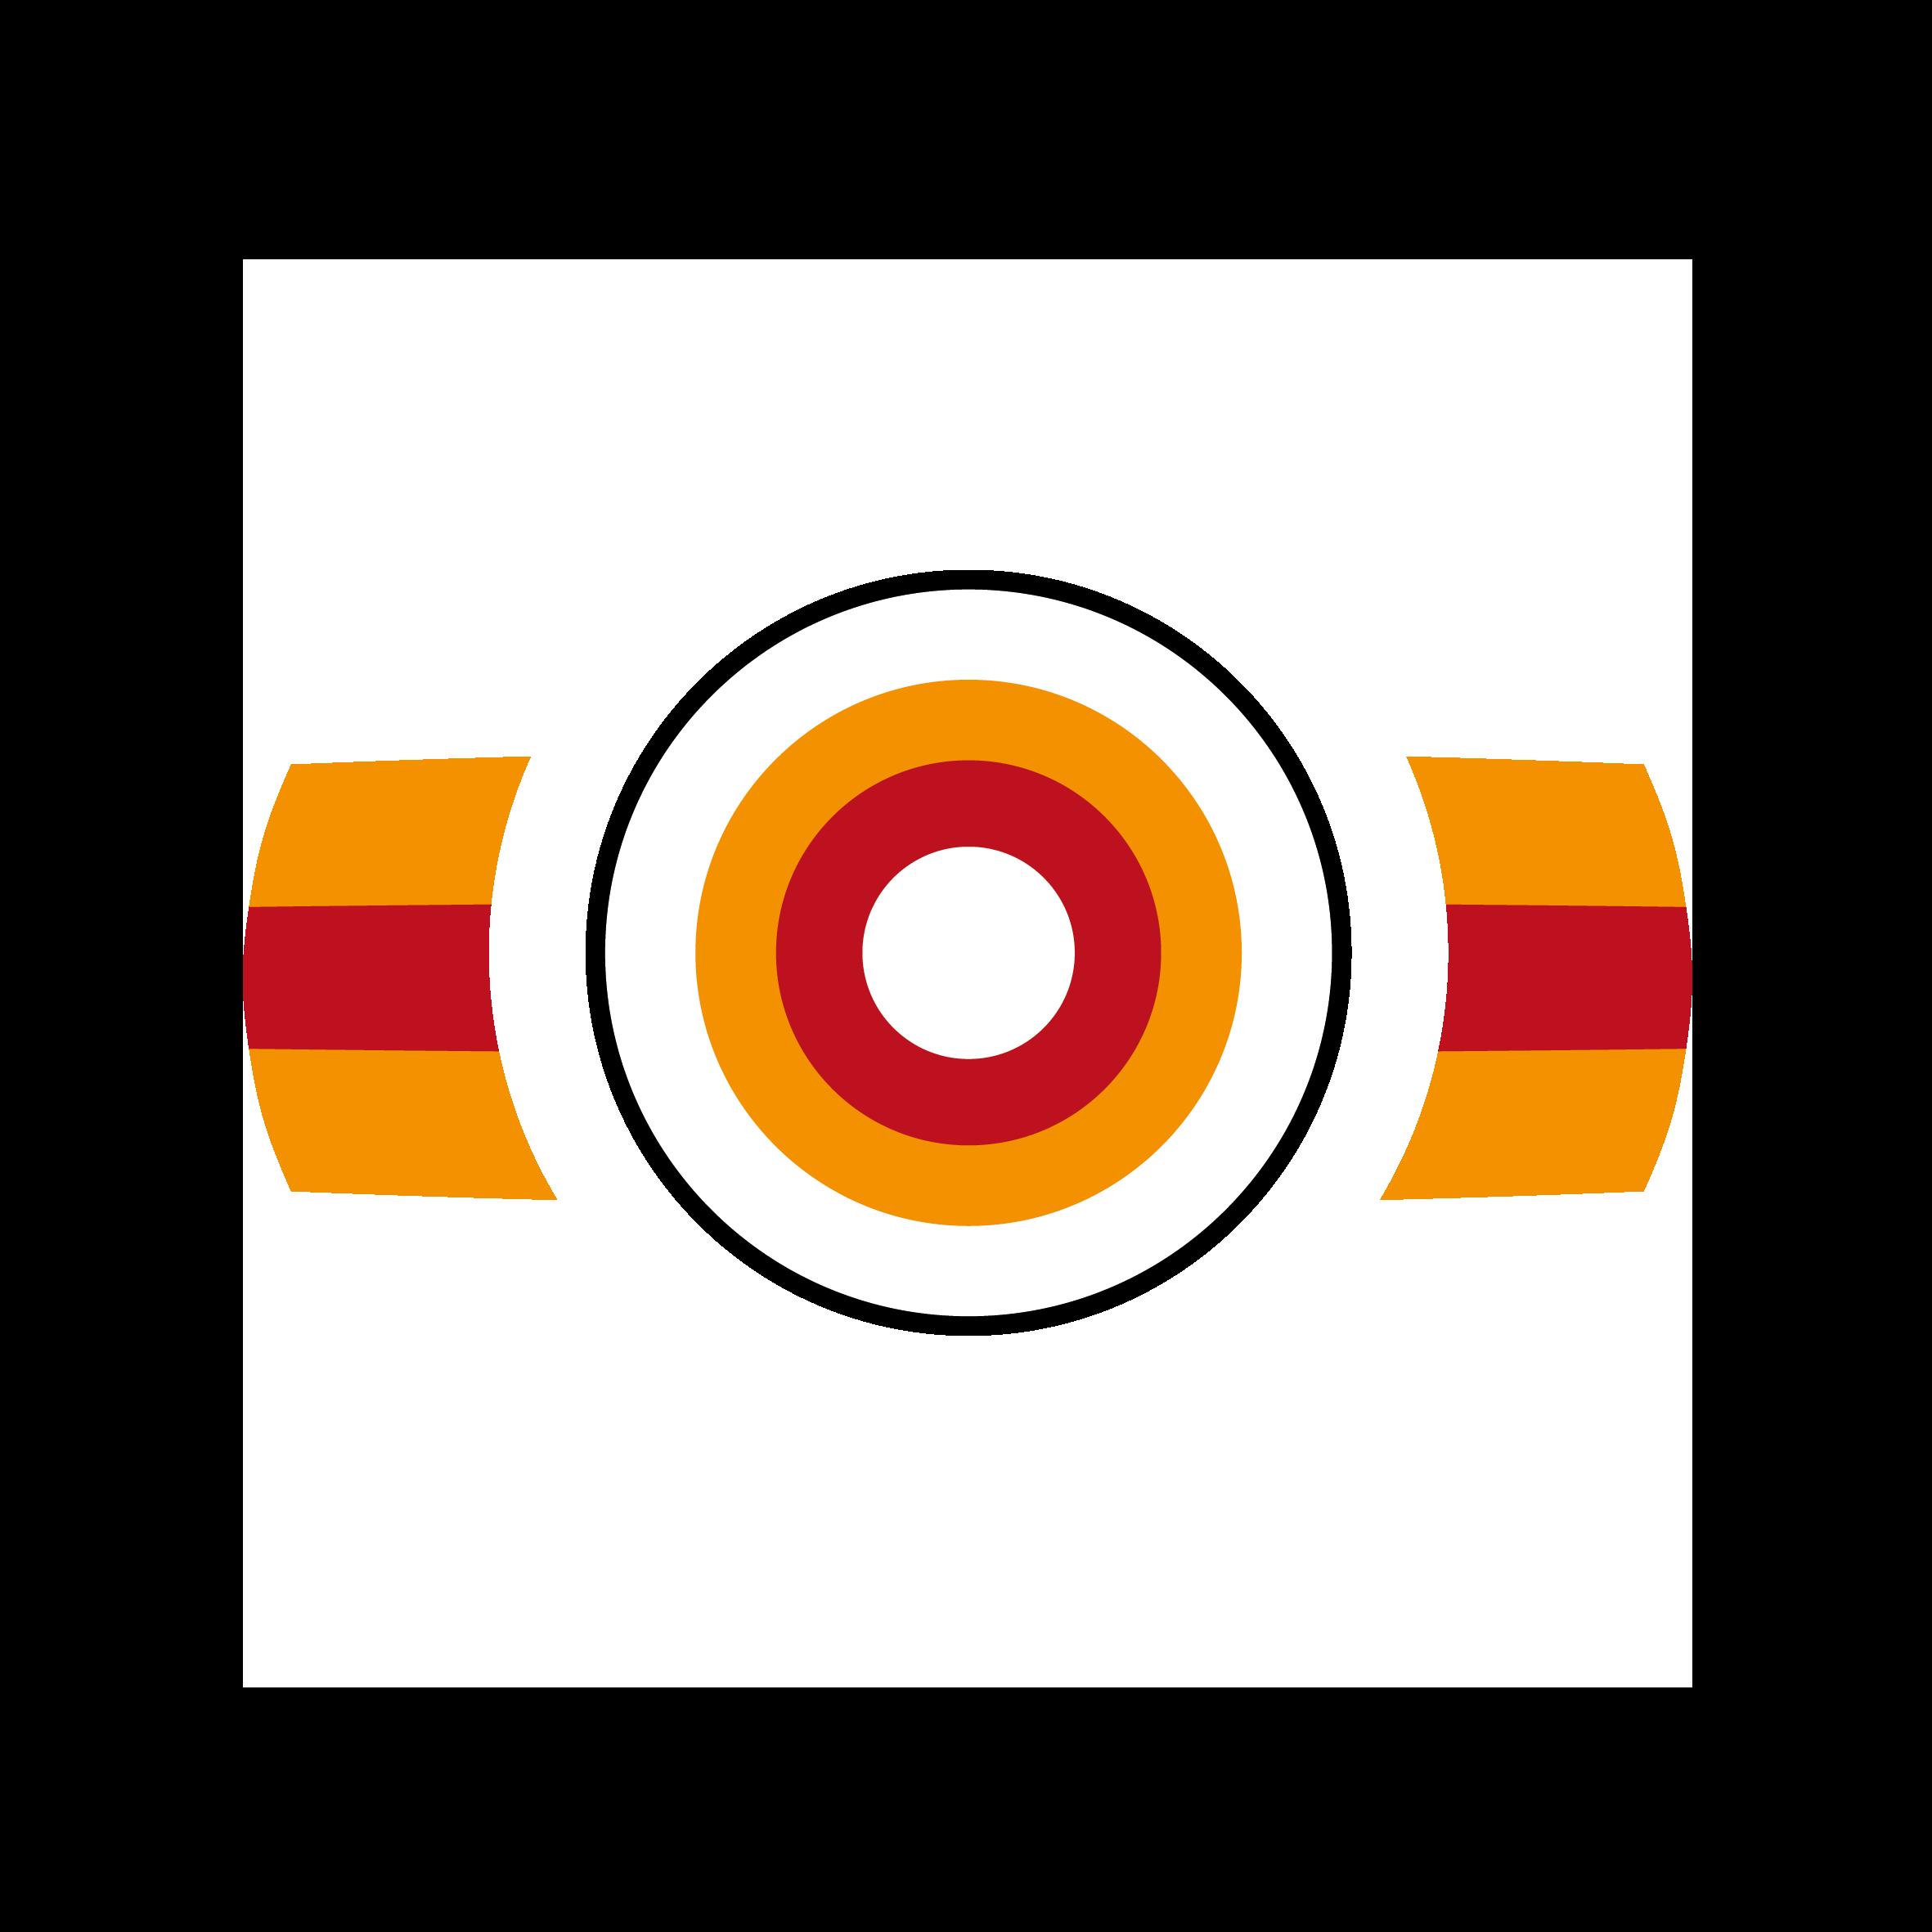 MIWO-Events GmbH